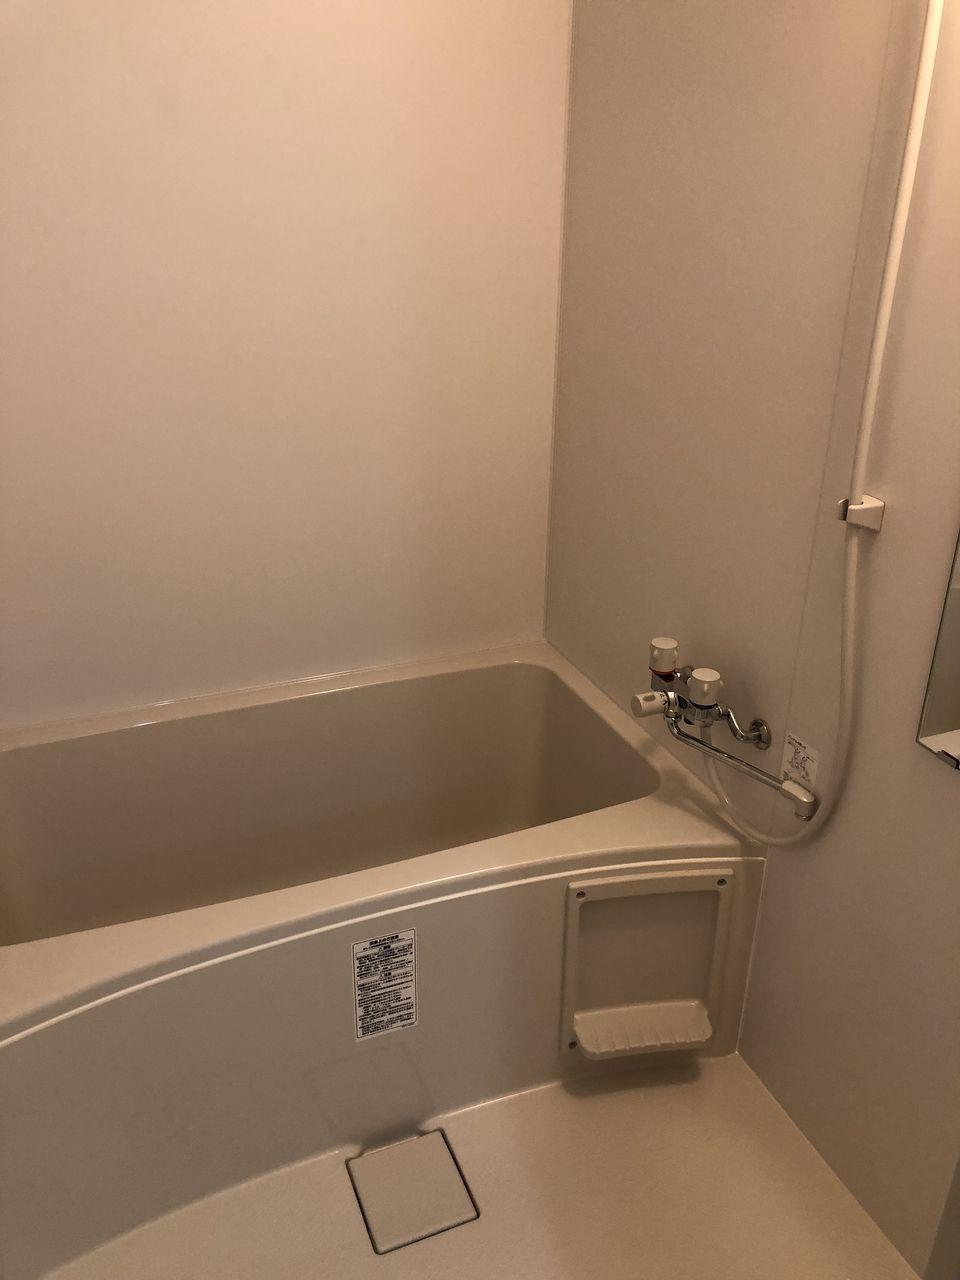 浴室の入替え工事が完了しました!